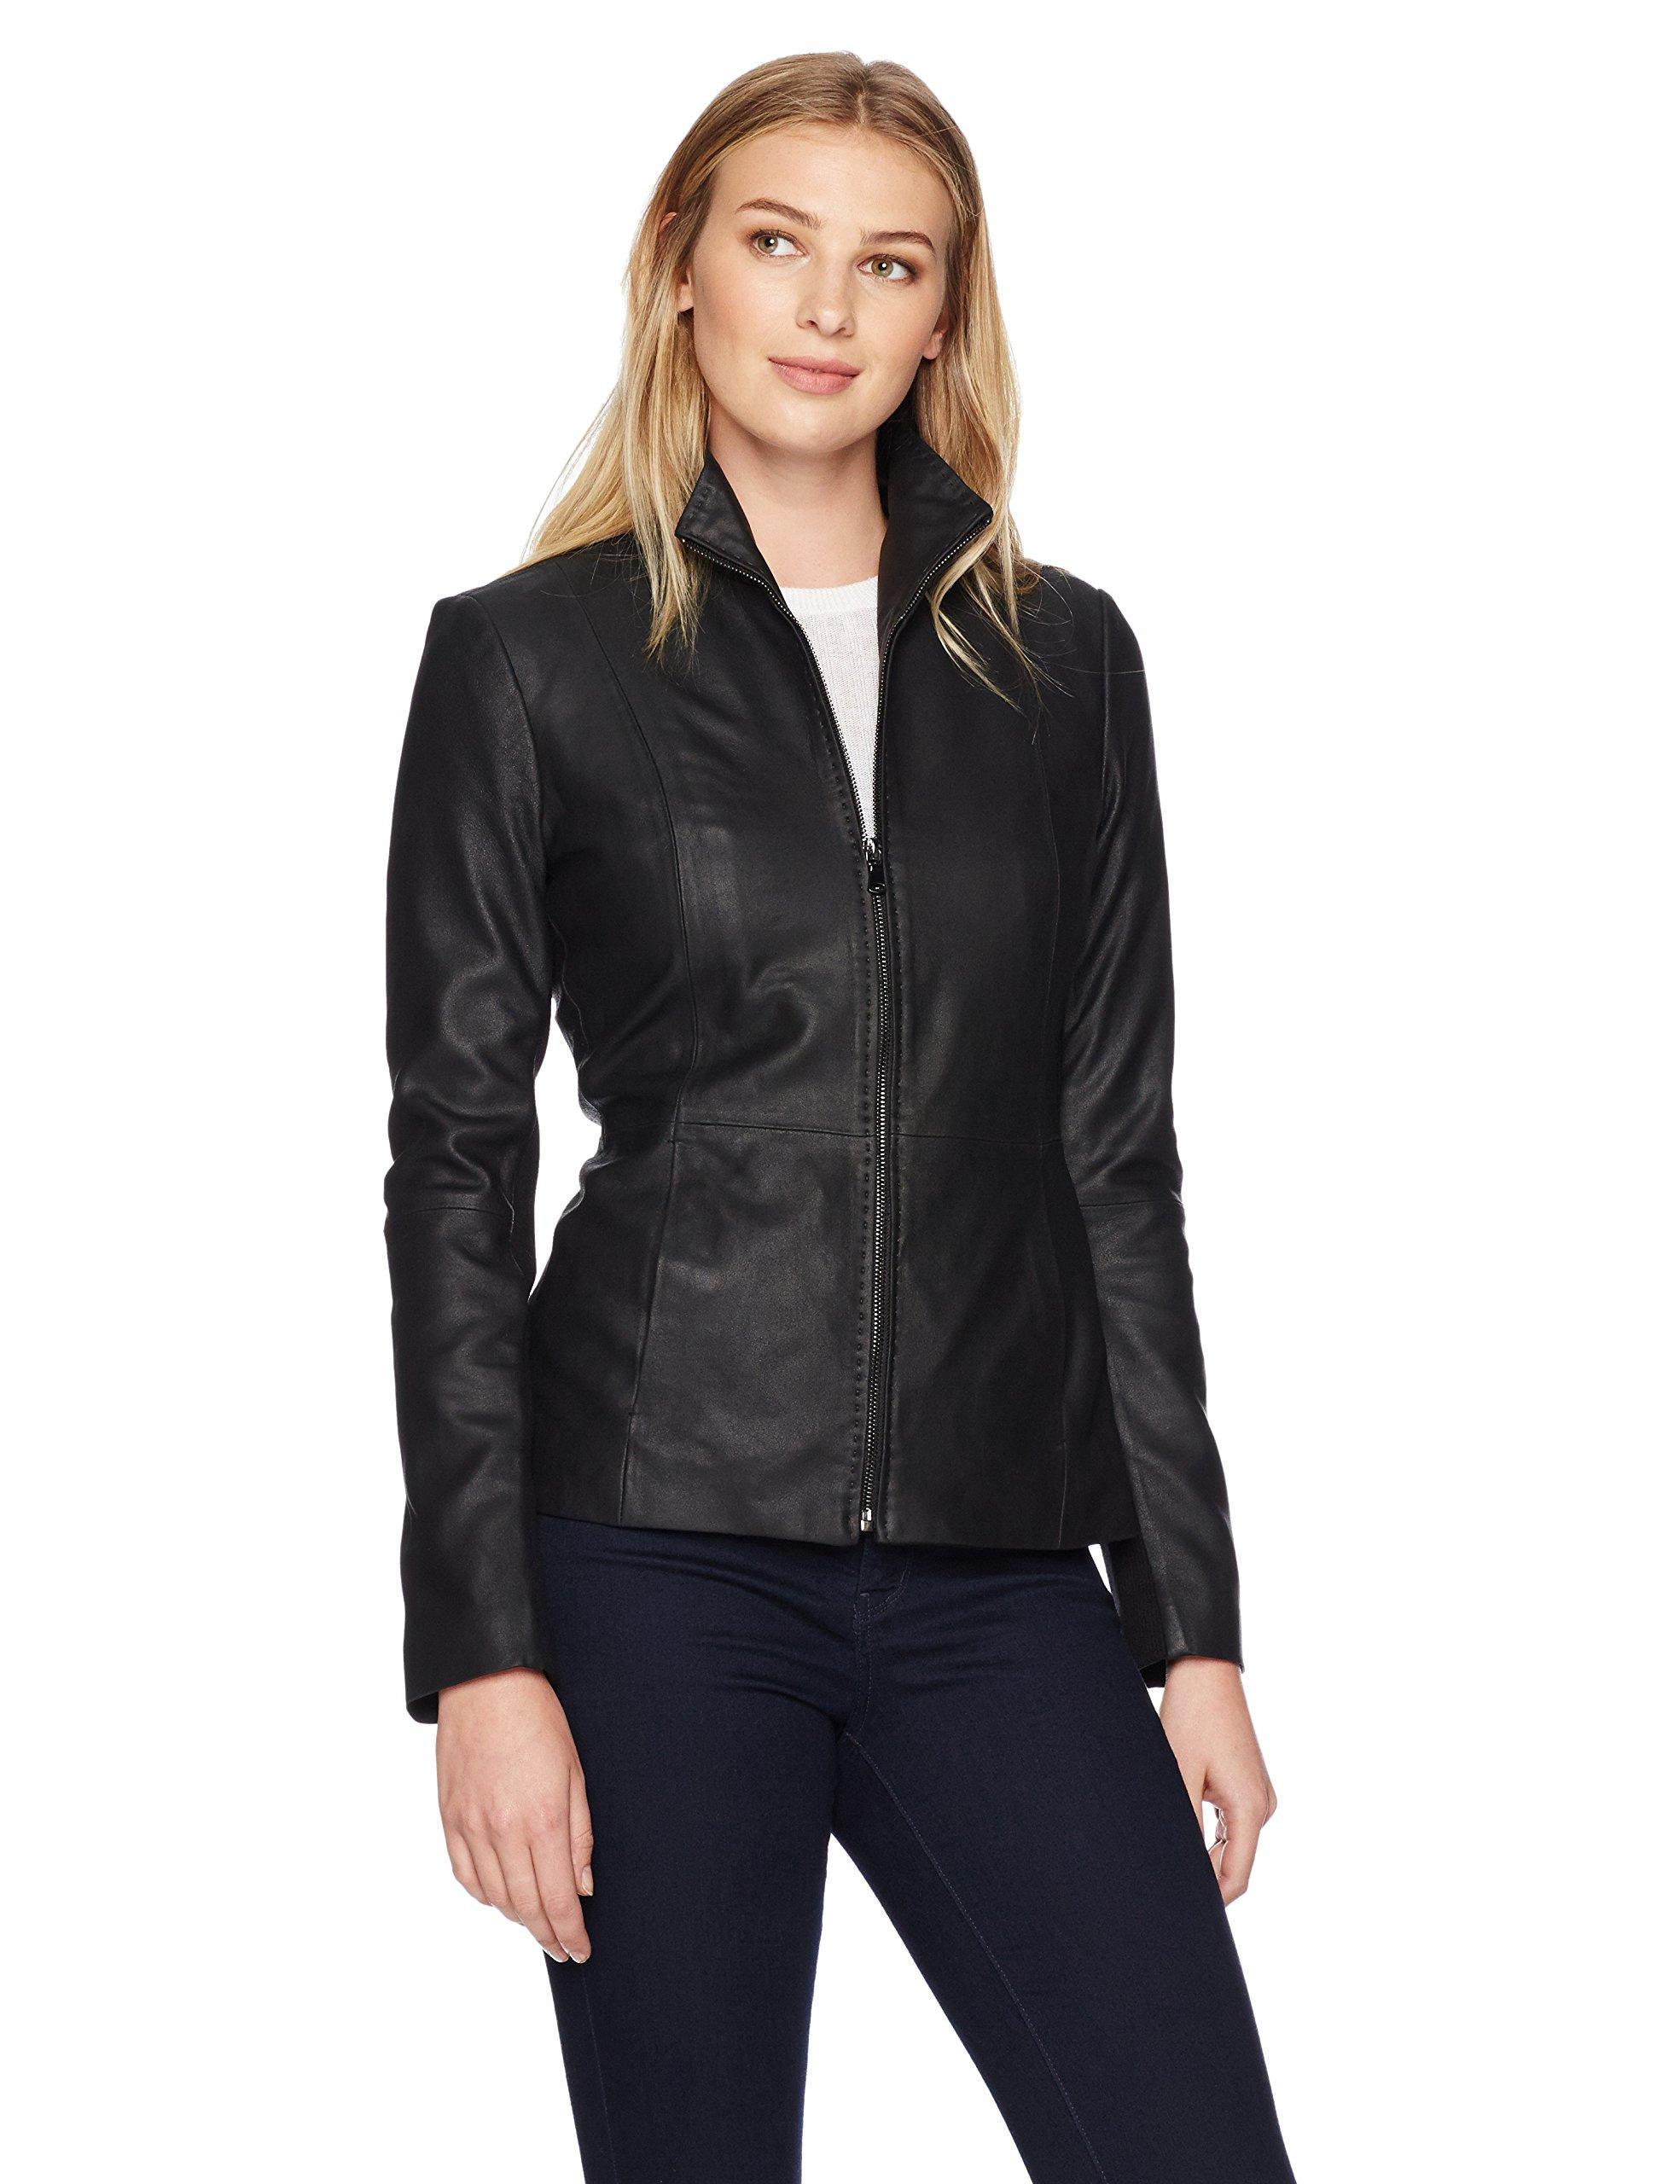 Lark & Ro Women's Scuba Leather Jacket, Black, Extra Large